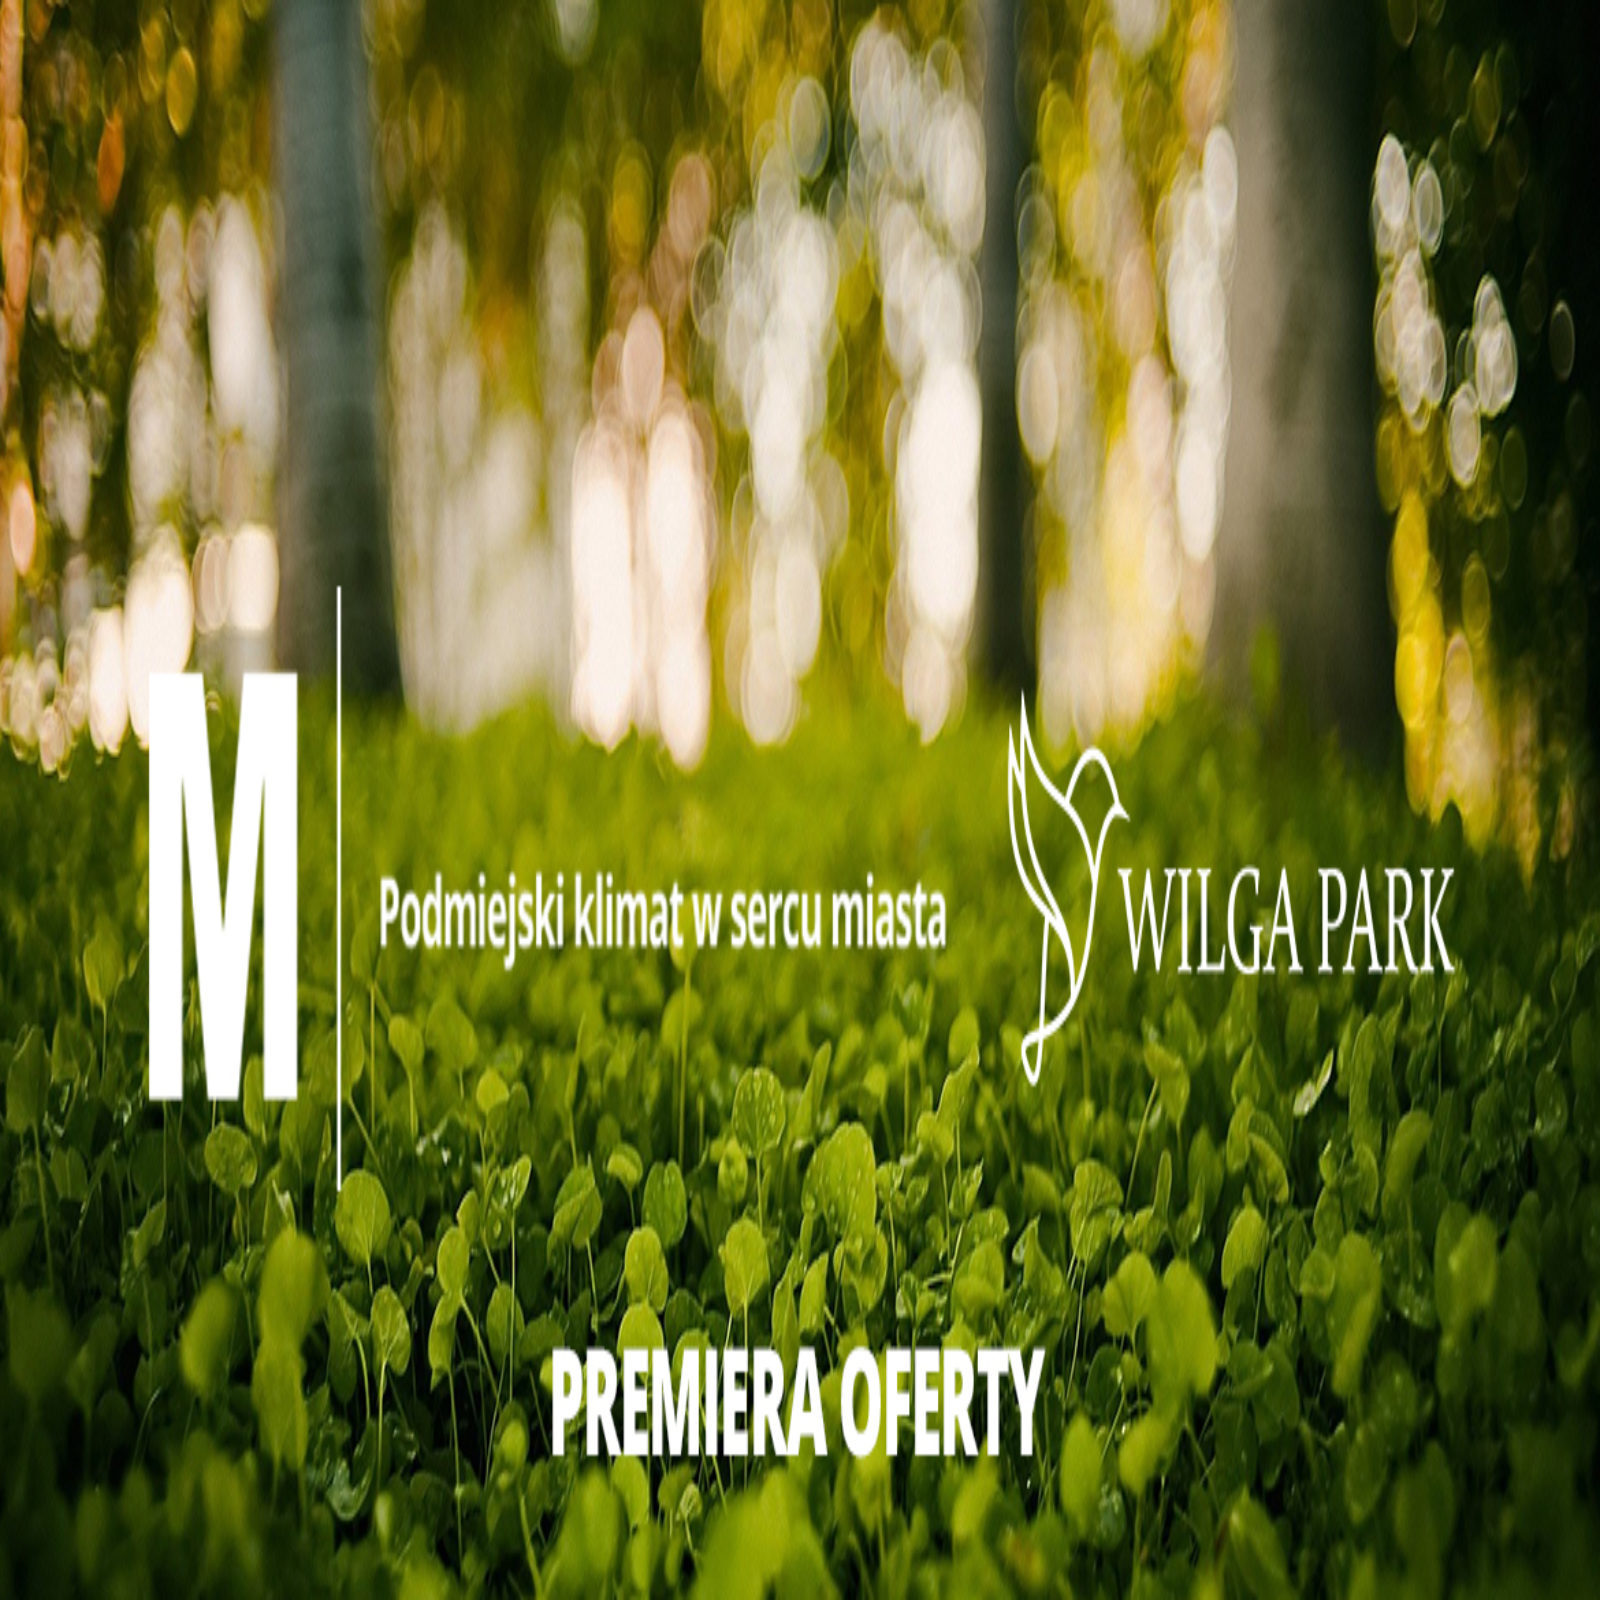 Wilga Park mieszkanie Gdańsk nieruchomości Gdańsk